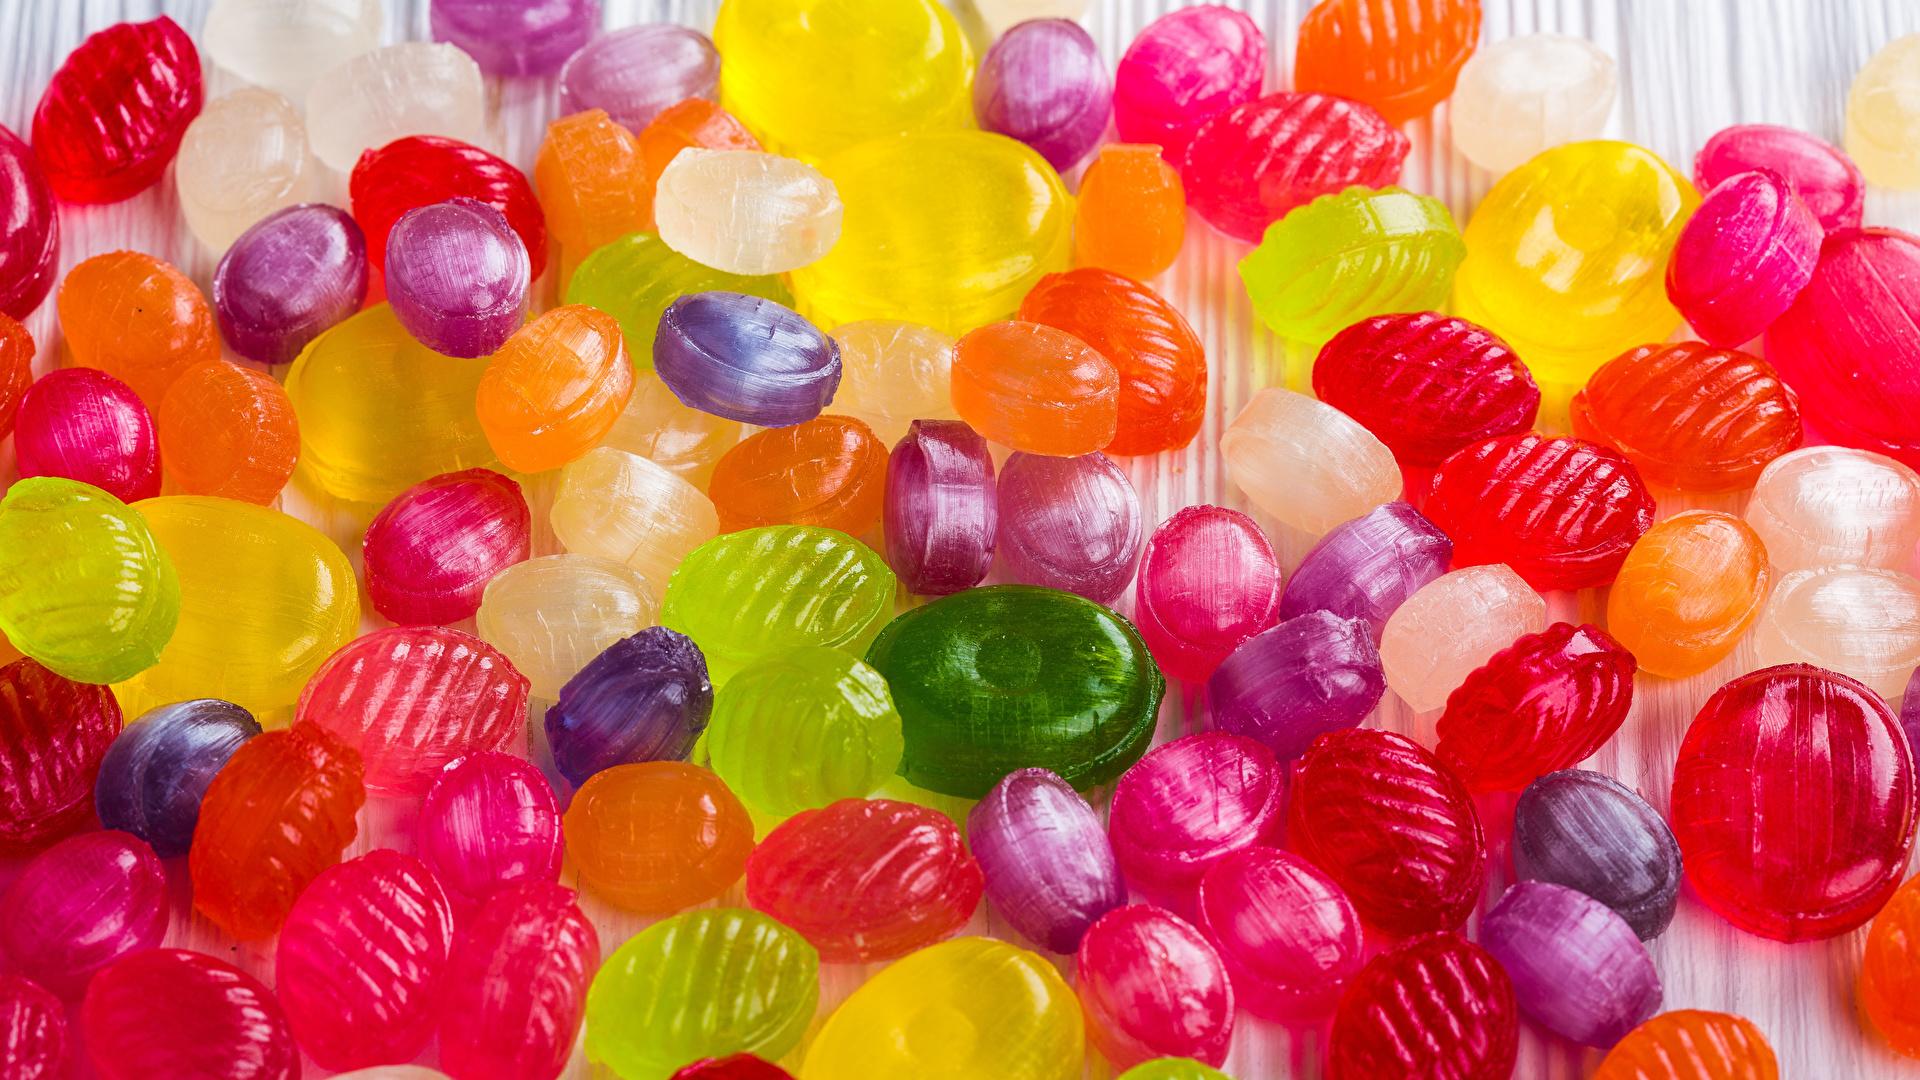 Картинка Разноцветные Конфеты Леденцы Еда Много Сладости 1920x1080 Пища Продукты питания сладкая еда